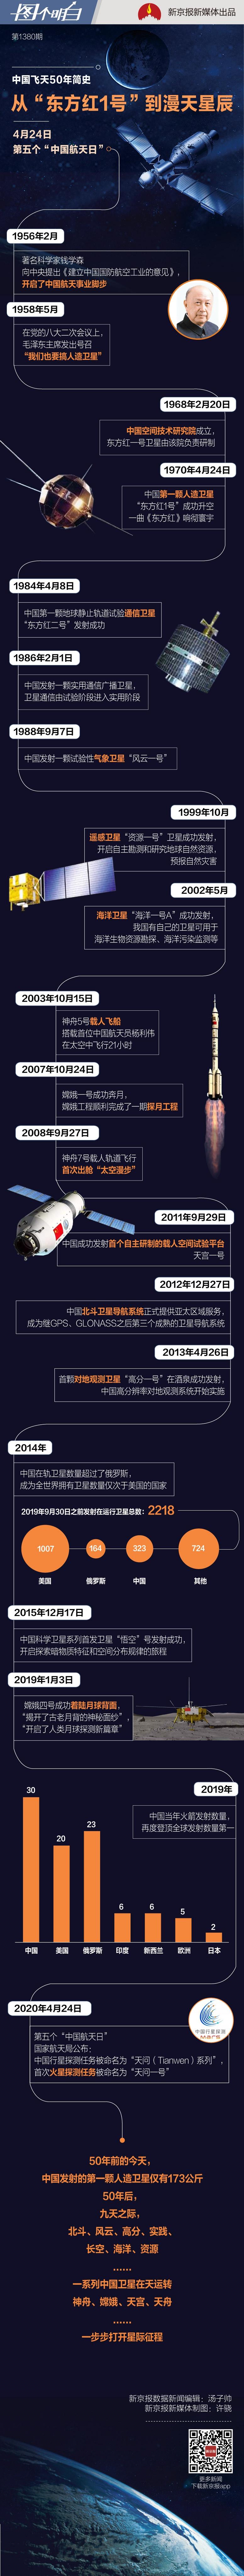 摩天代理:从东方摩天代理红1号到漫天星|中国图片